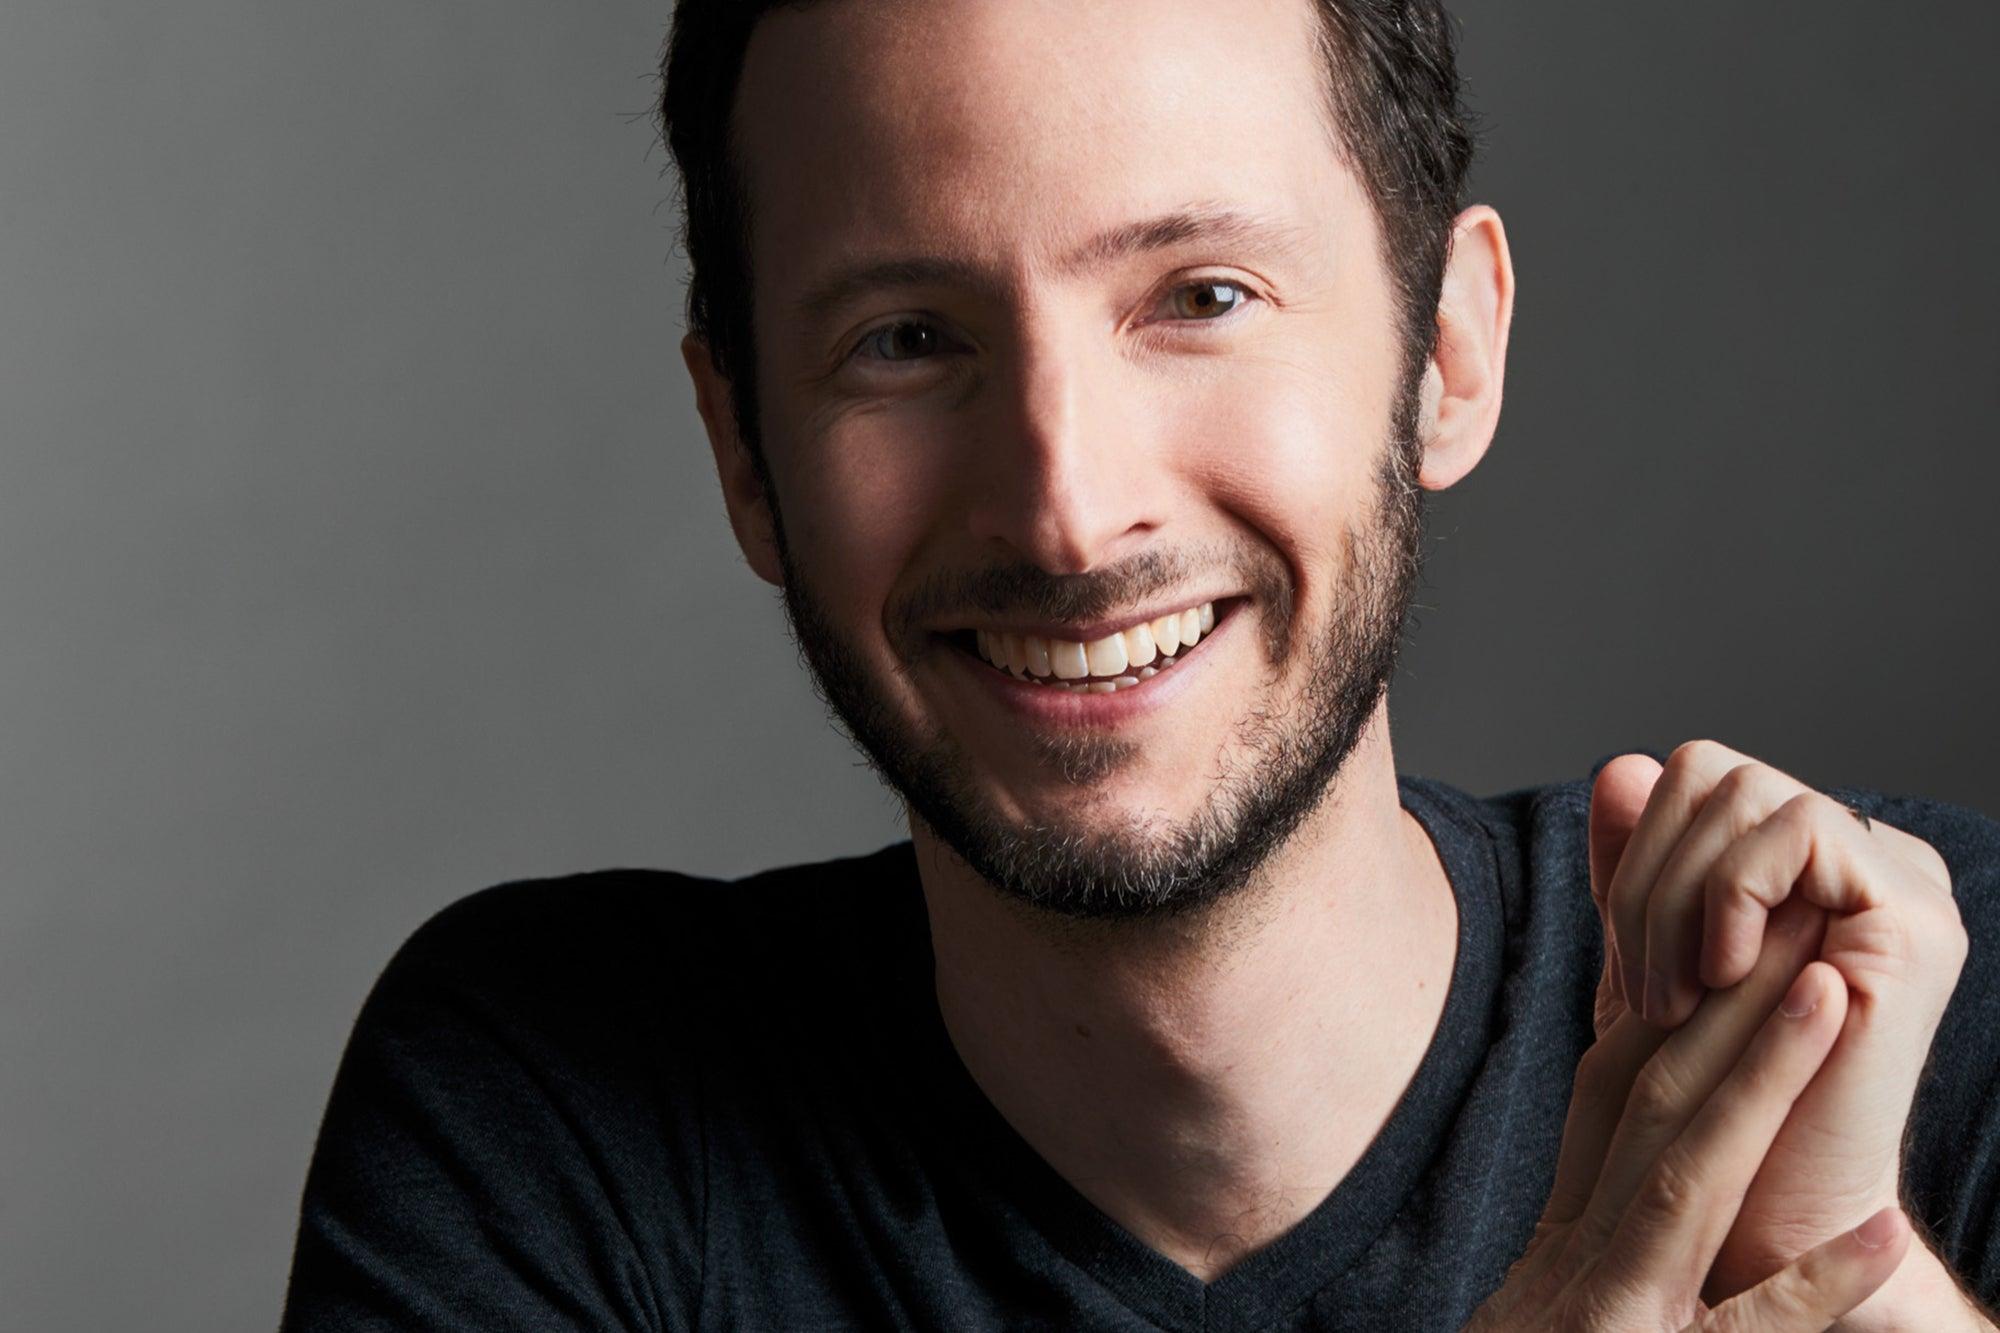 entrepreneur.com - Jason Feifer - The 3 Most Dangerous Words In Entrepreneurship: 'This Is Impossible'